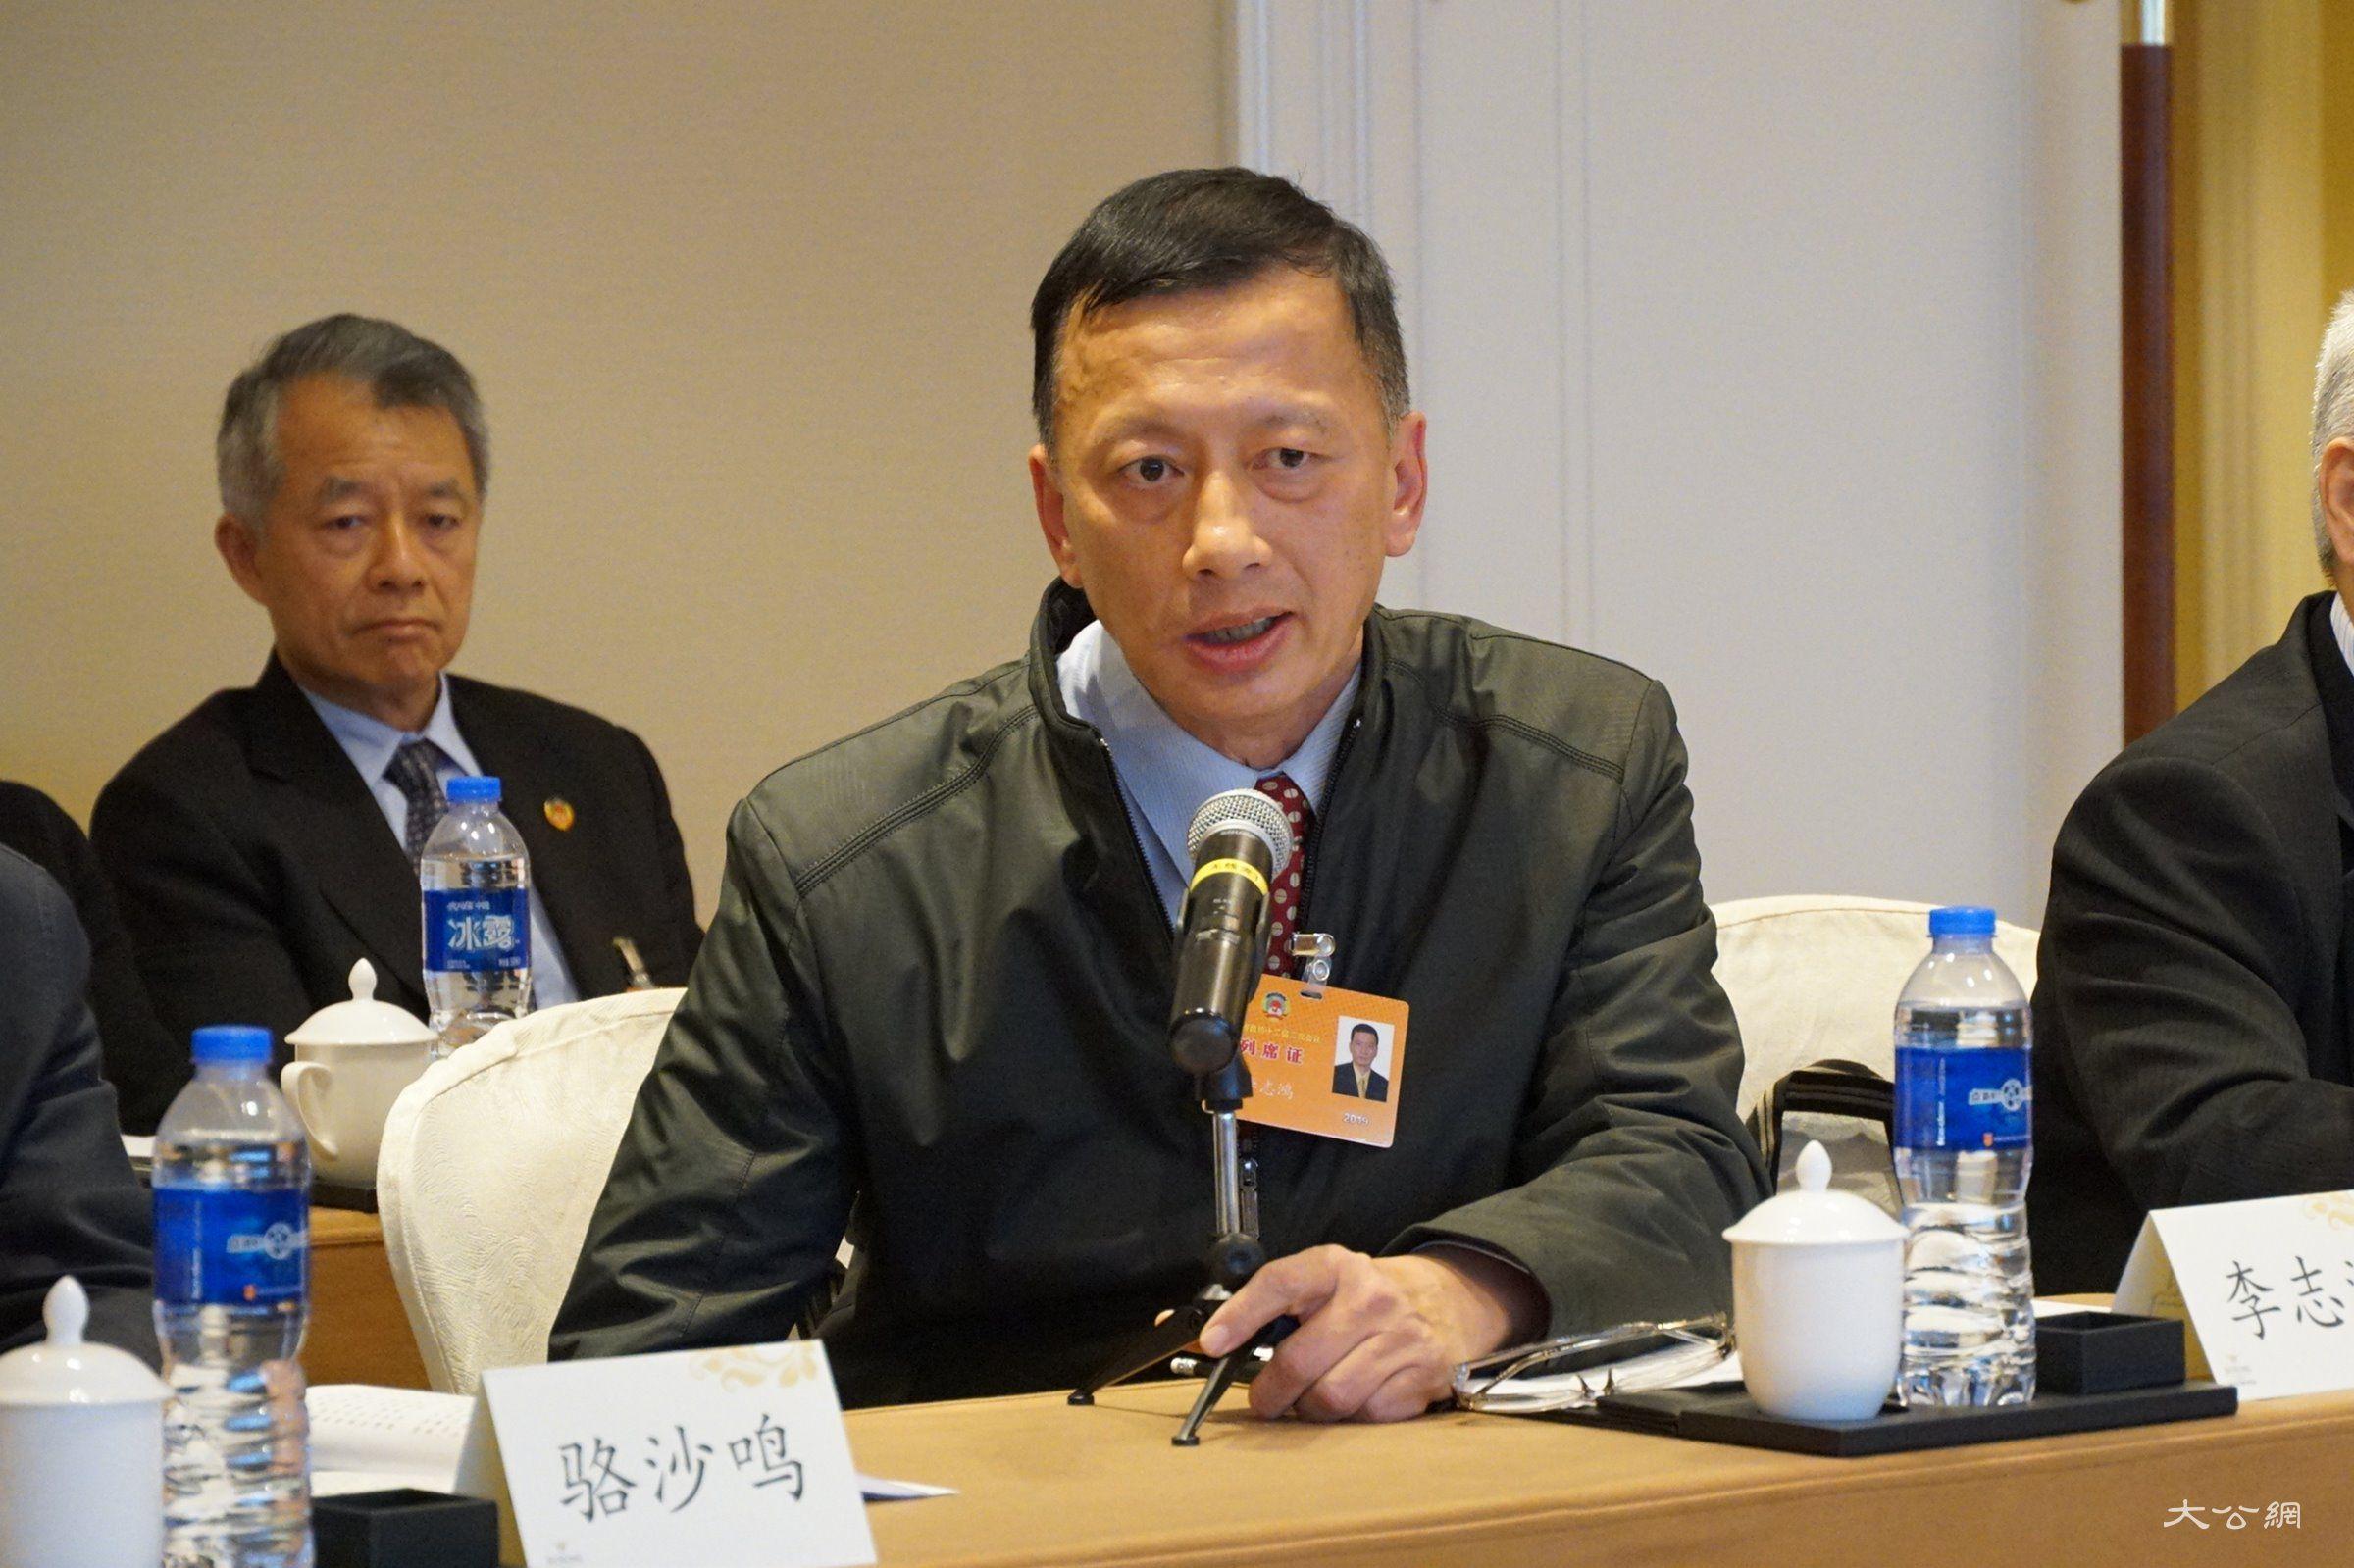 台湾列席人士李志鸿:大陆乡村振兴战略是推动两岸经济社会融合发展的契机